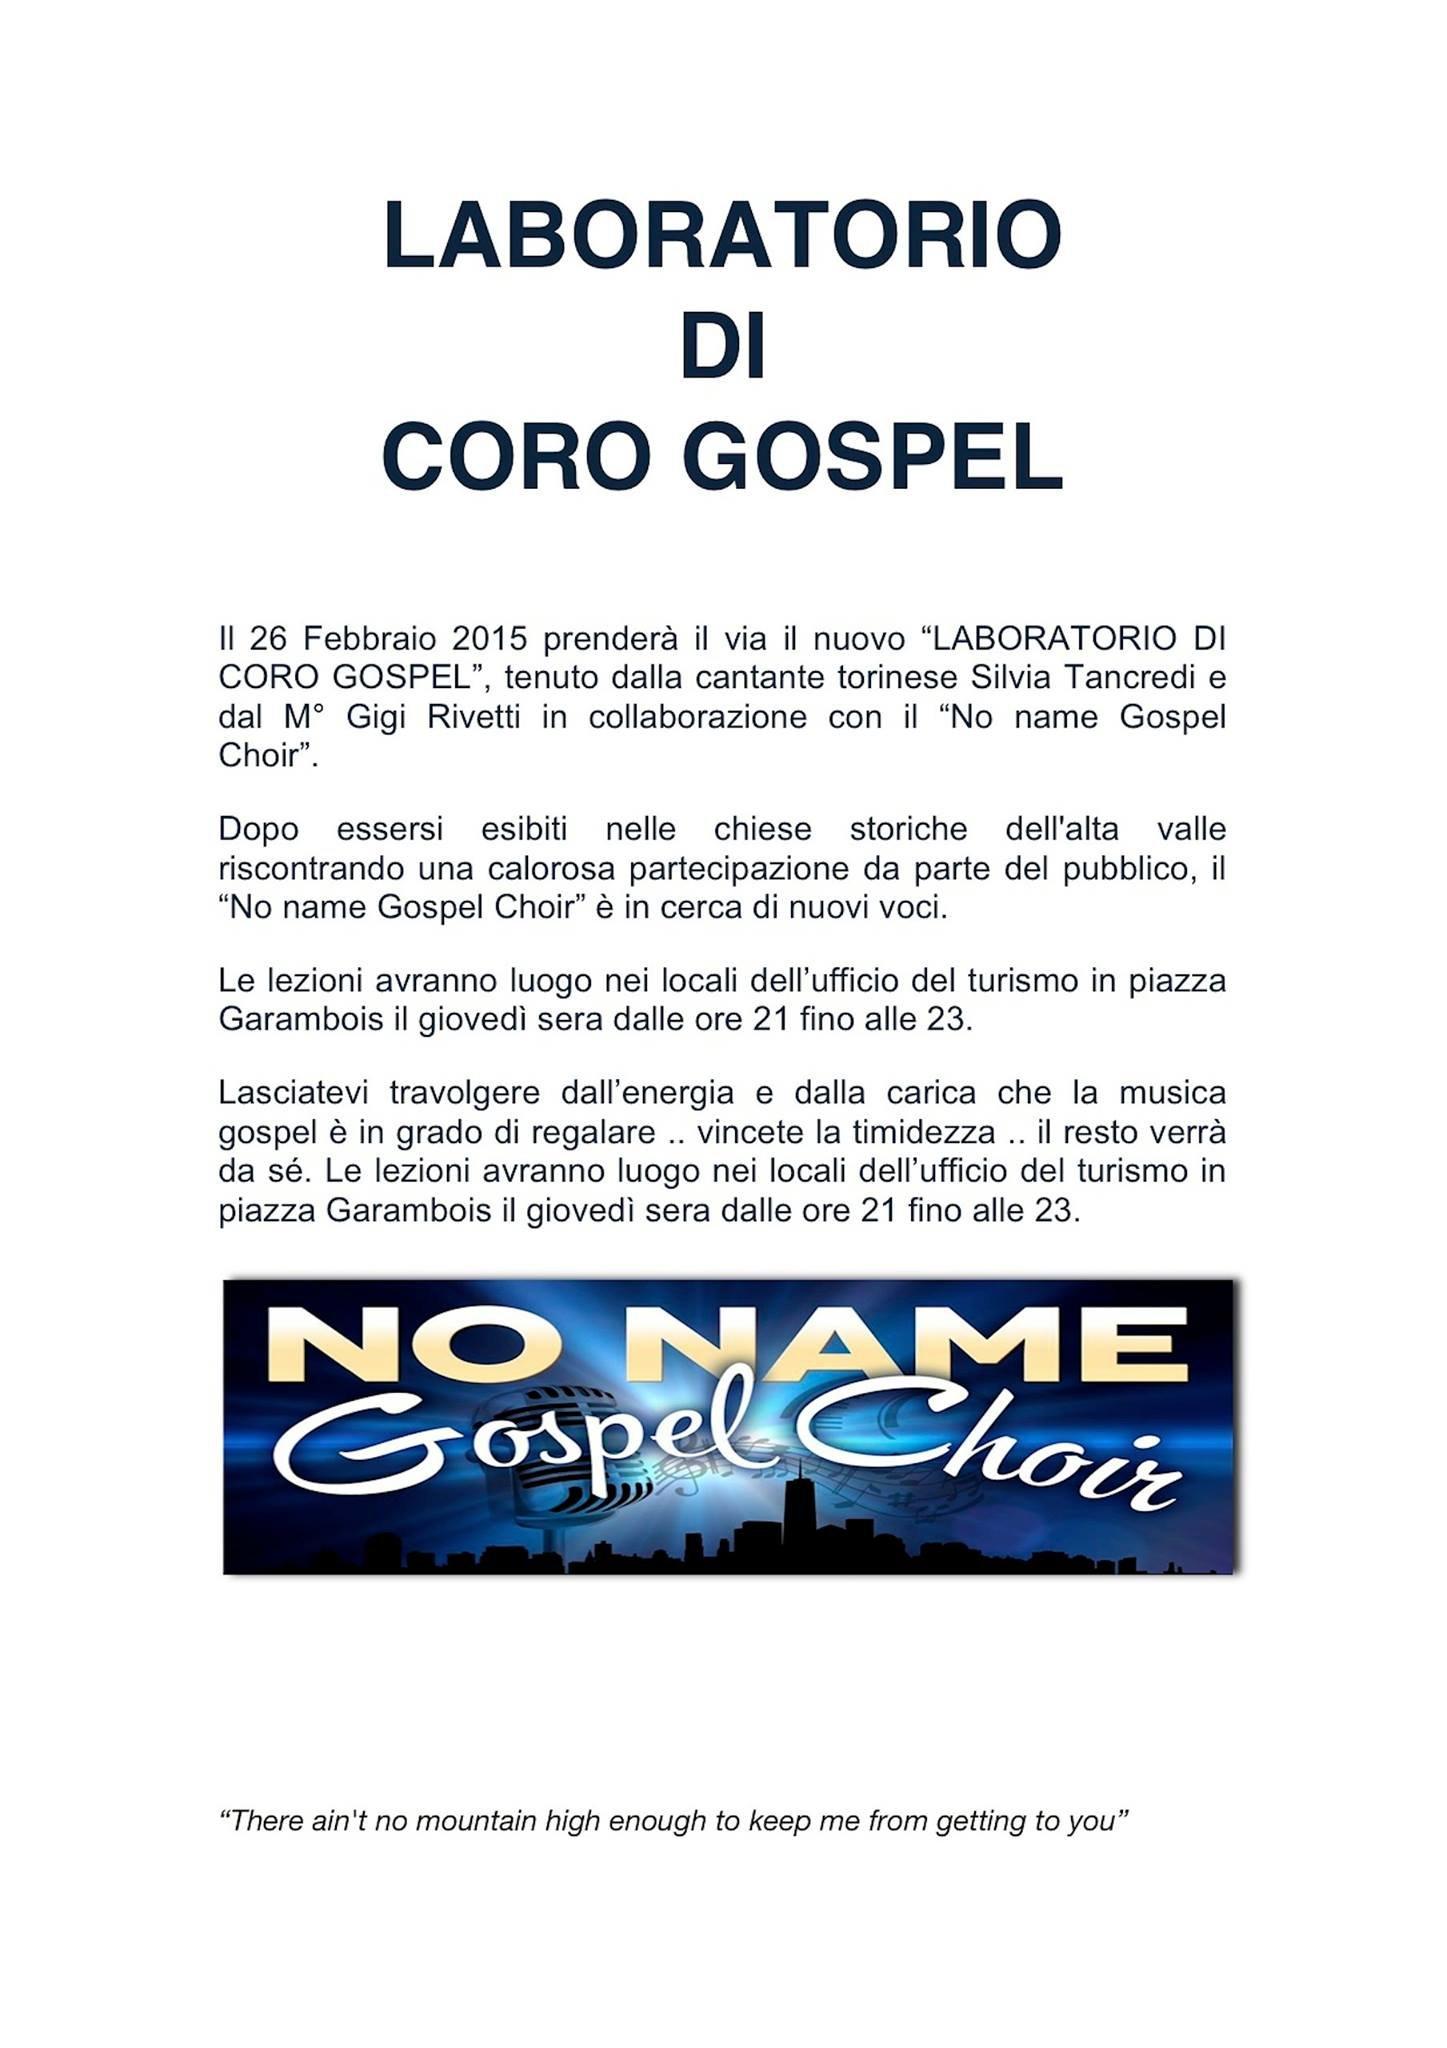 Laboratorio di Coro Gospel